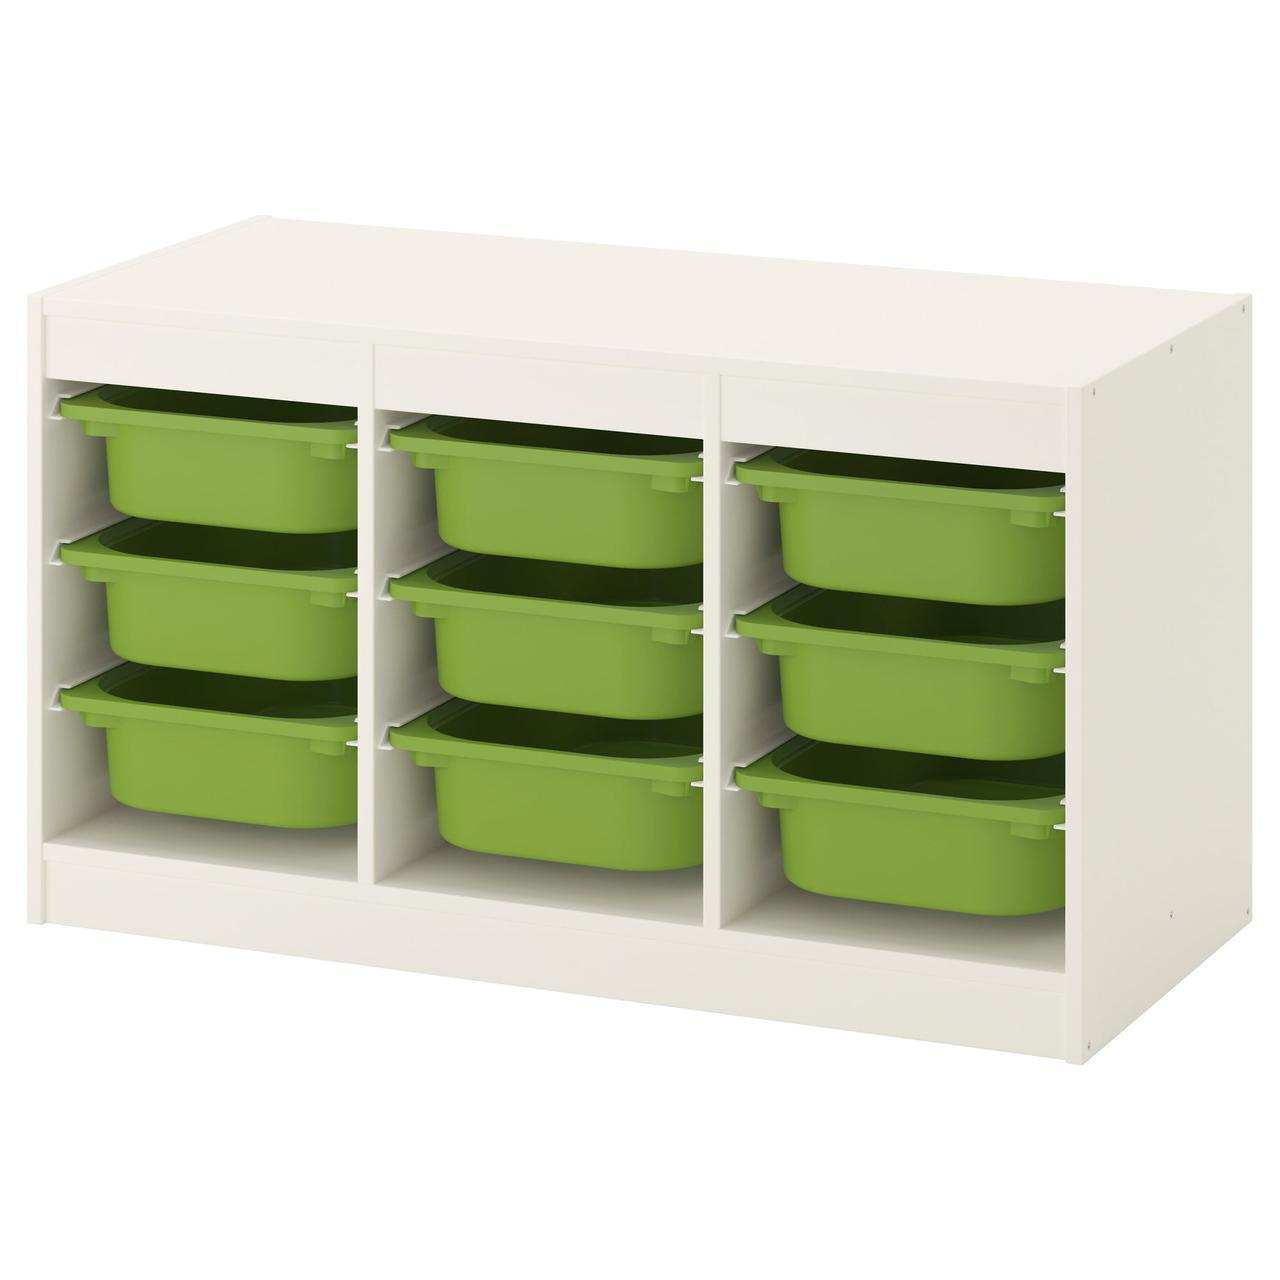 IKEA TROFAST (692.284.68) Шкаф с контейнерами, белый, желтый